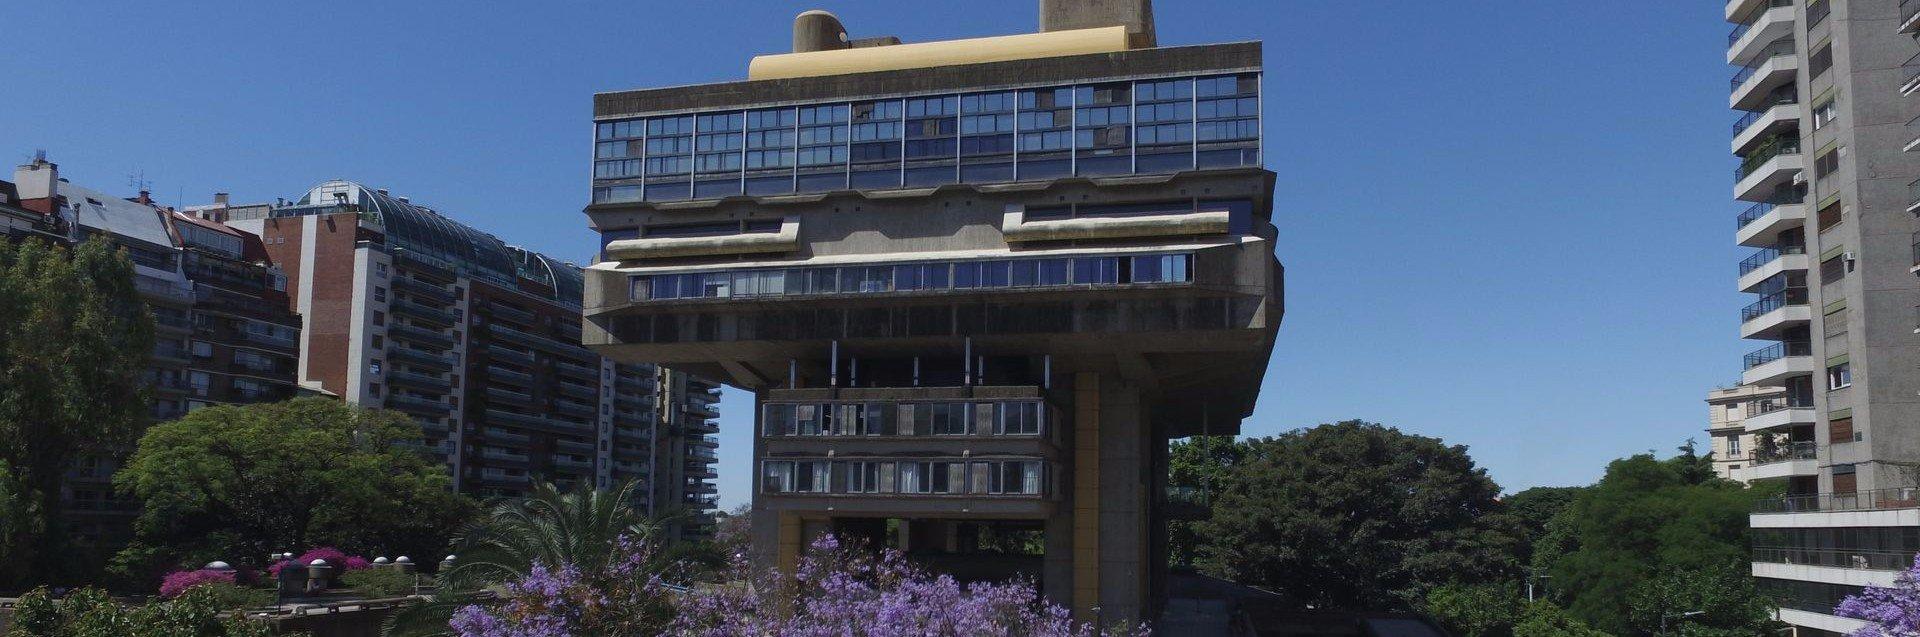 biblioteca-nacional-de-argentina-1